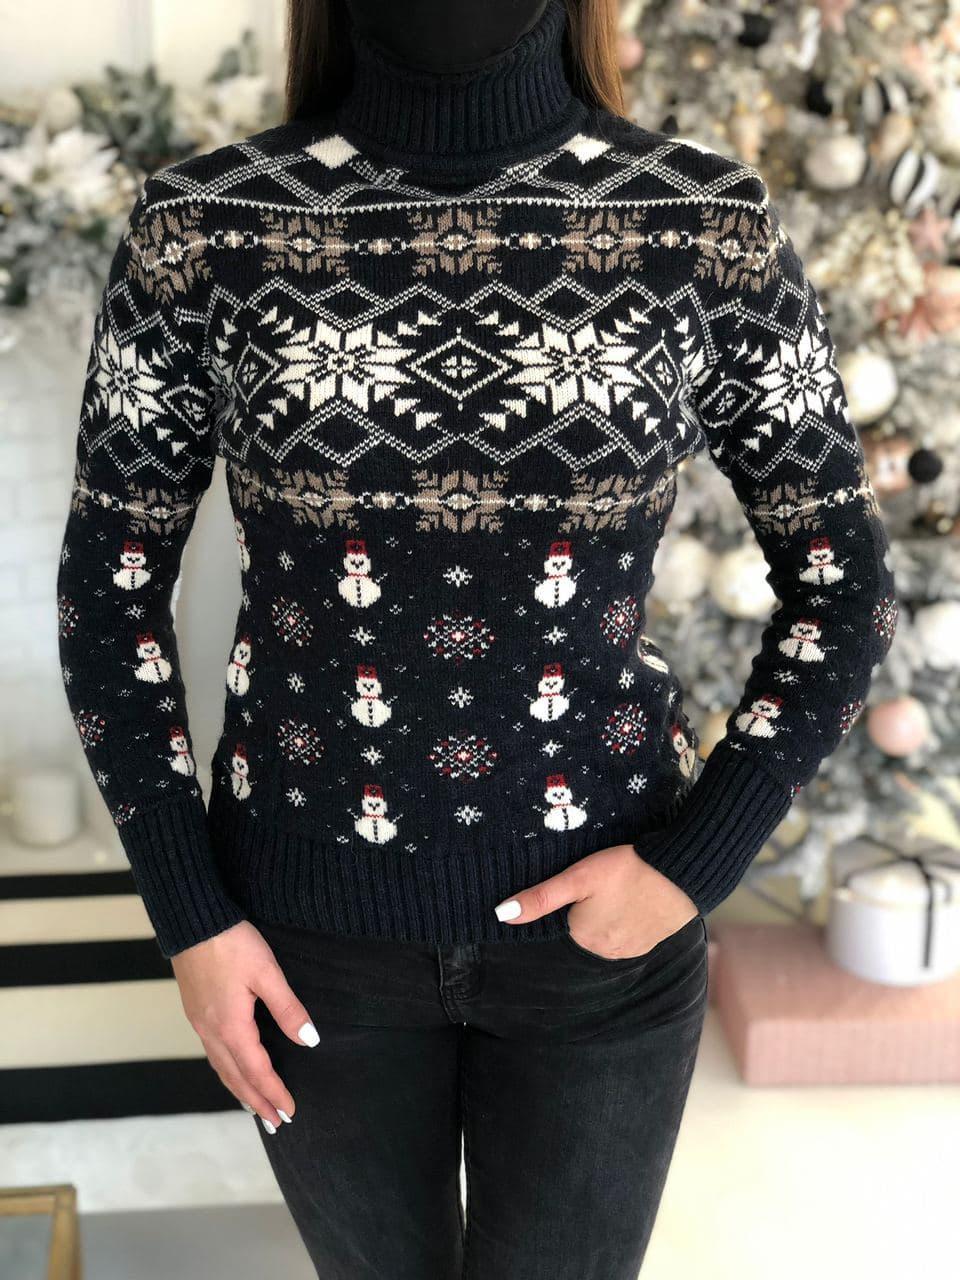 Женский зимний свитер черного цвета, размер 44-46 (универсальный), не колется, мягкий шерстяной